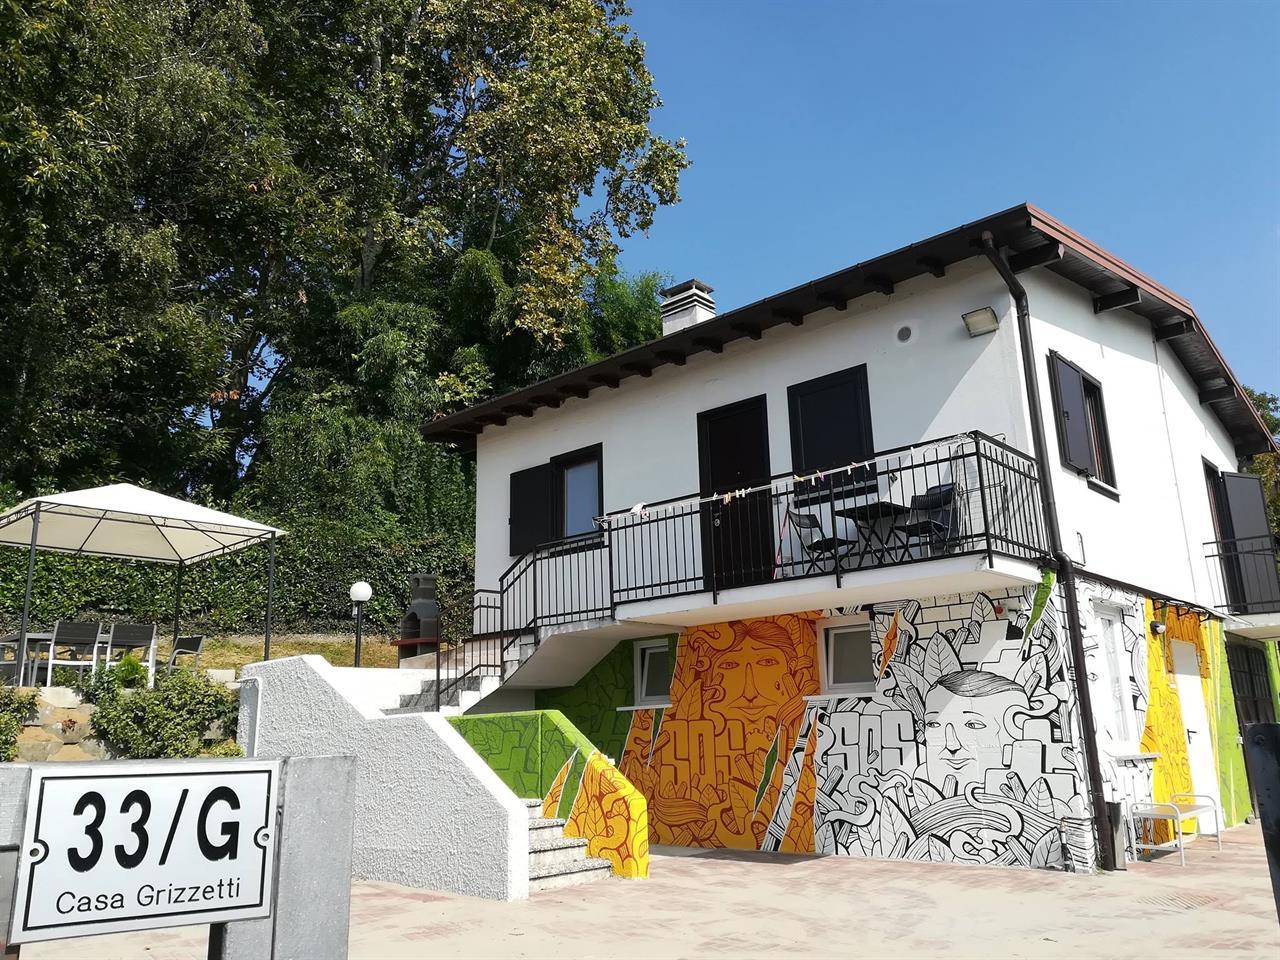 Casa Grizzetti